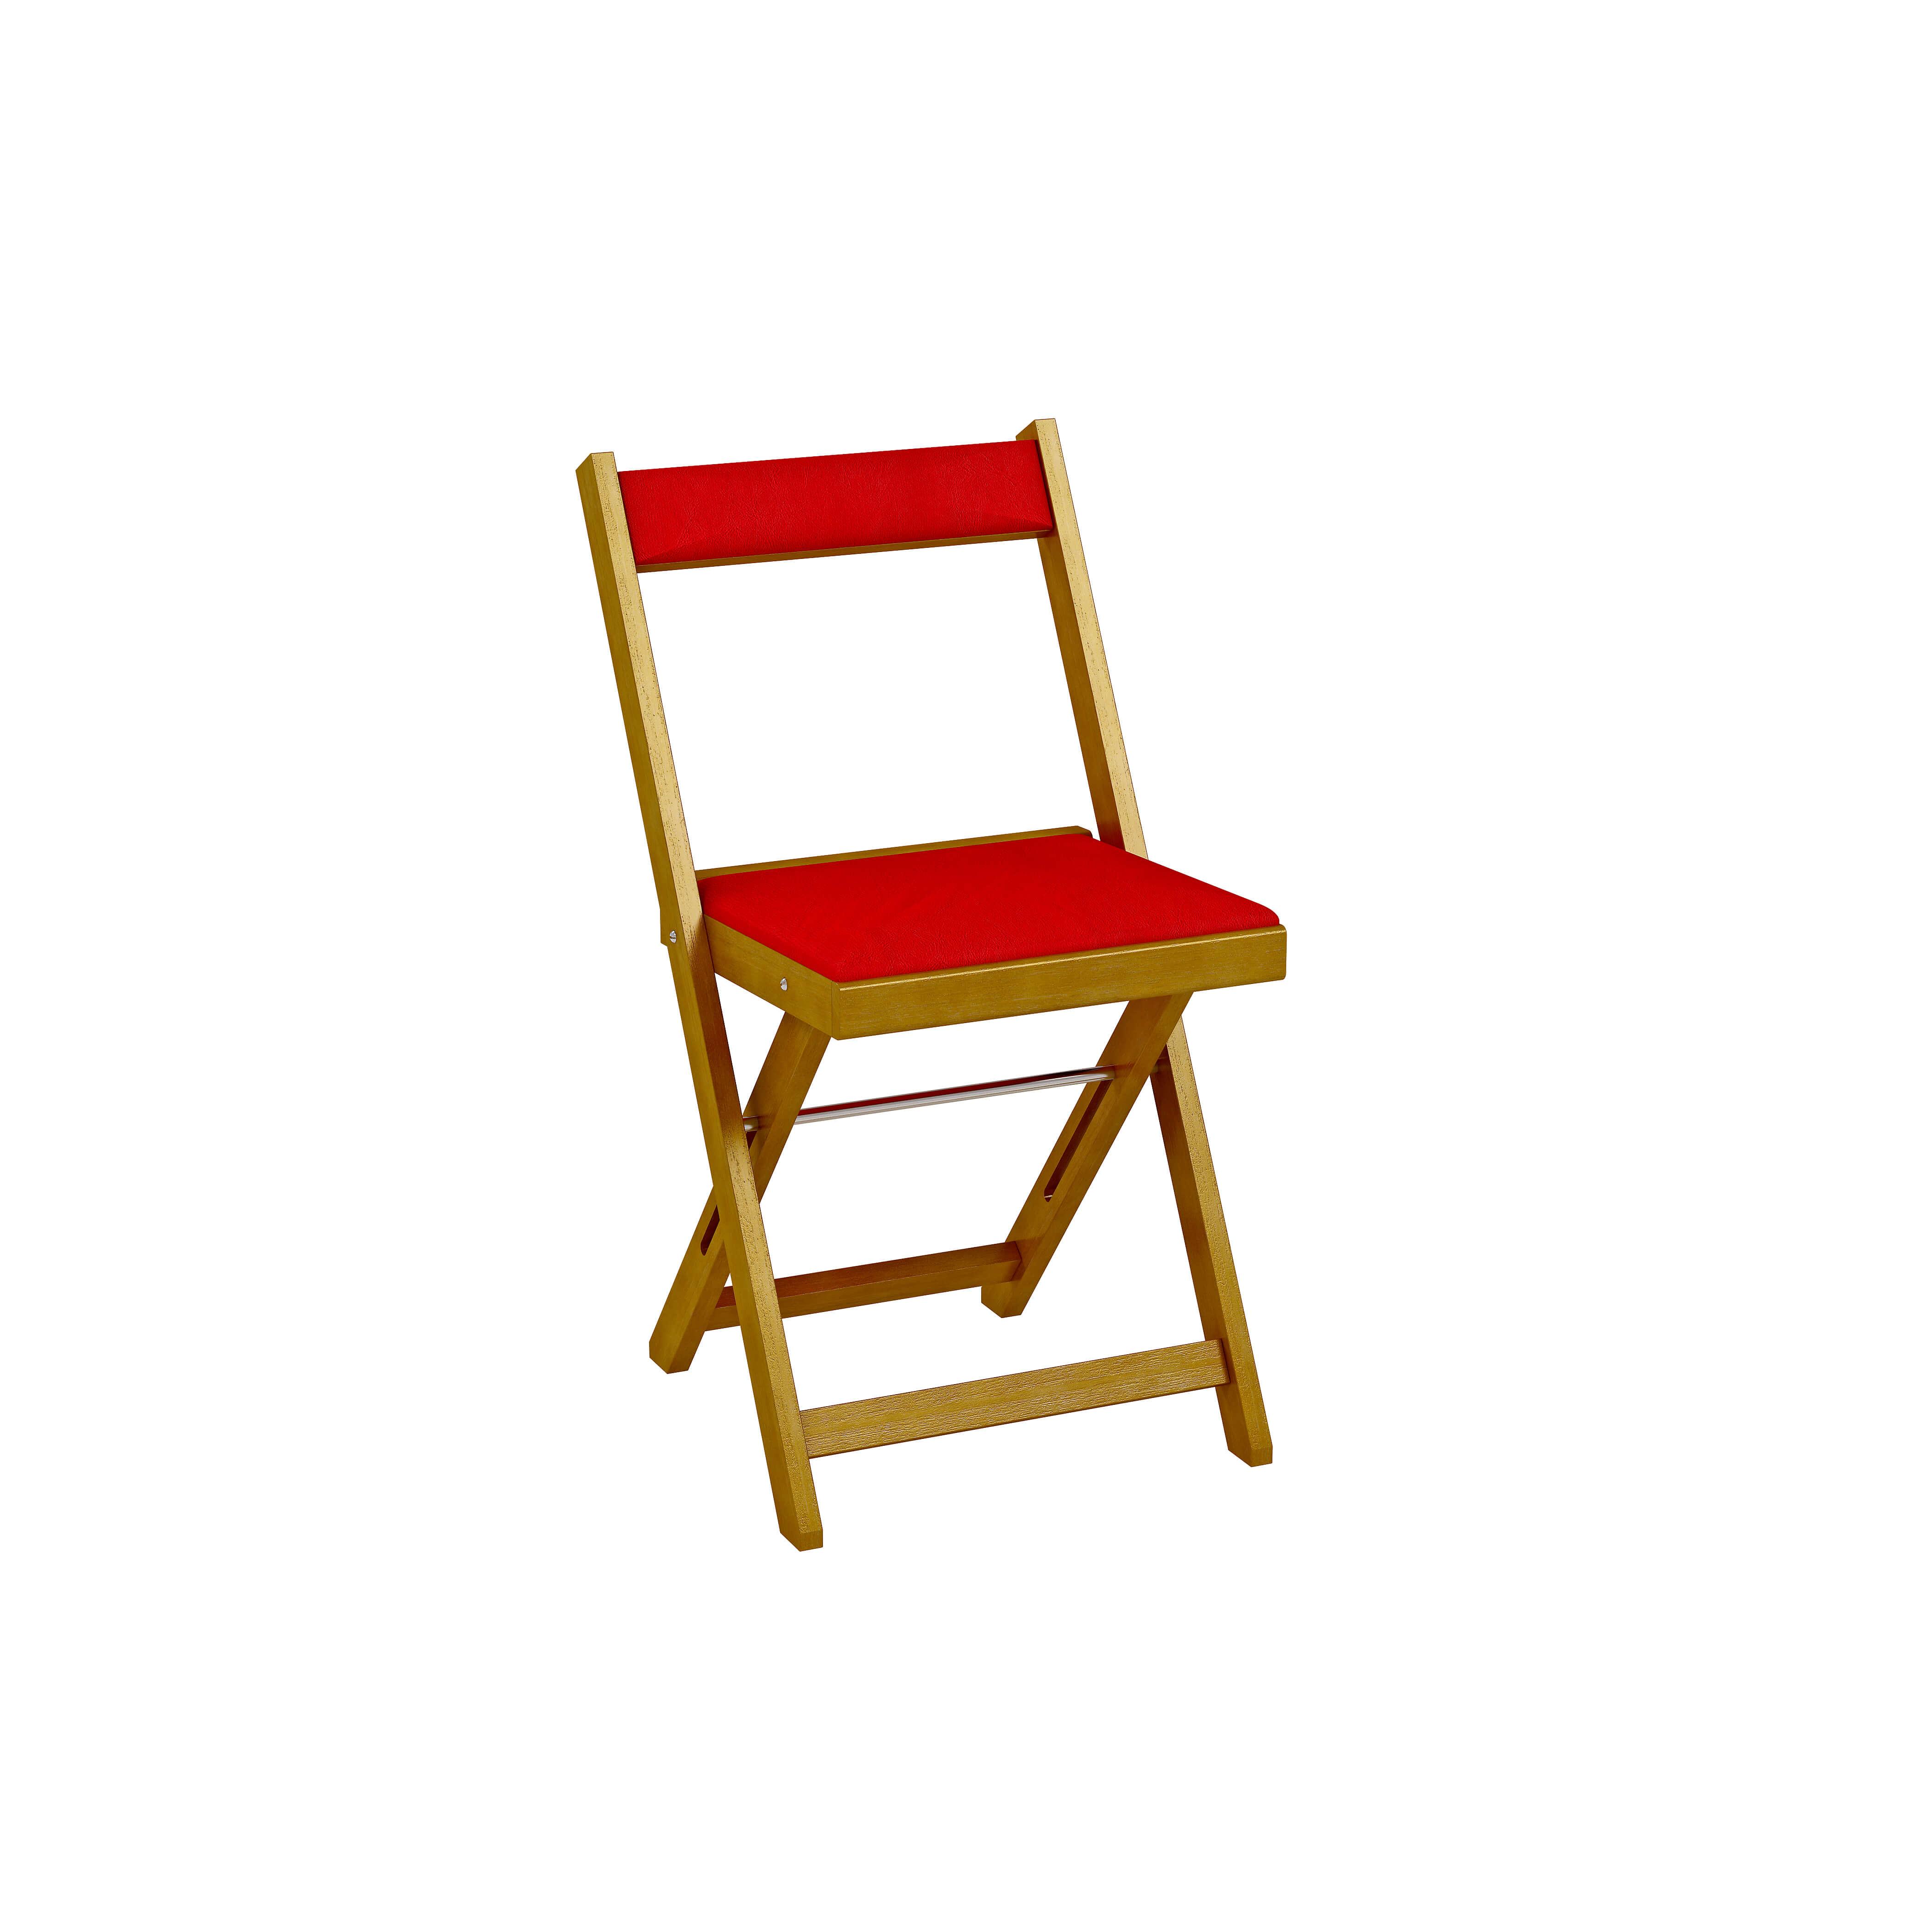 Cadeira Dobrável Estofada - Imbuia - Vermelho REF: 2003 Largura:   Comprimento: